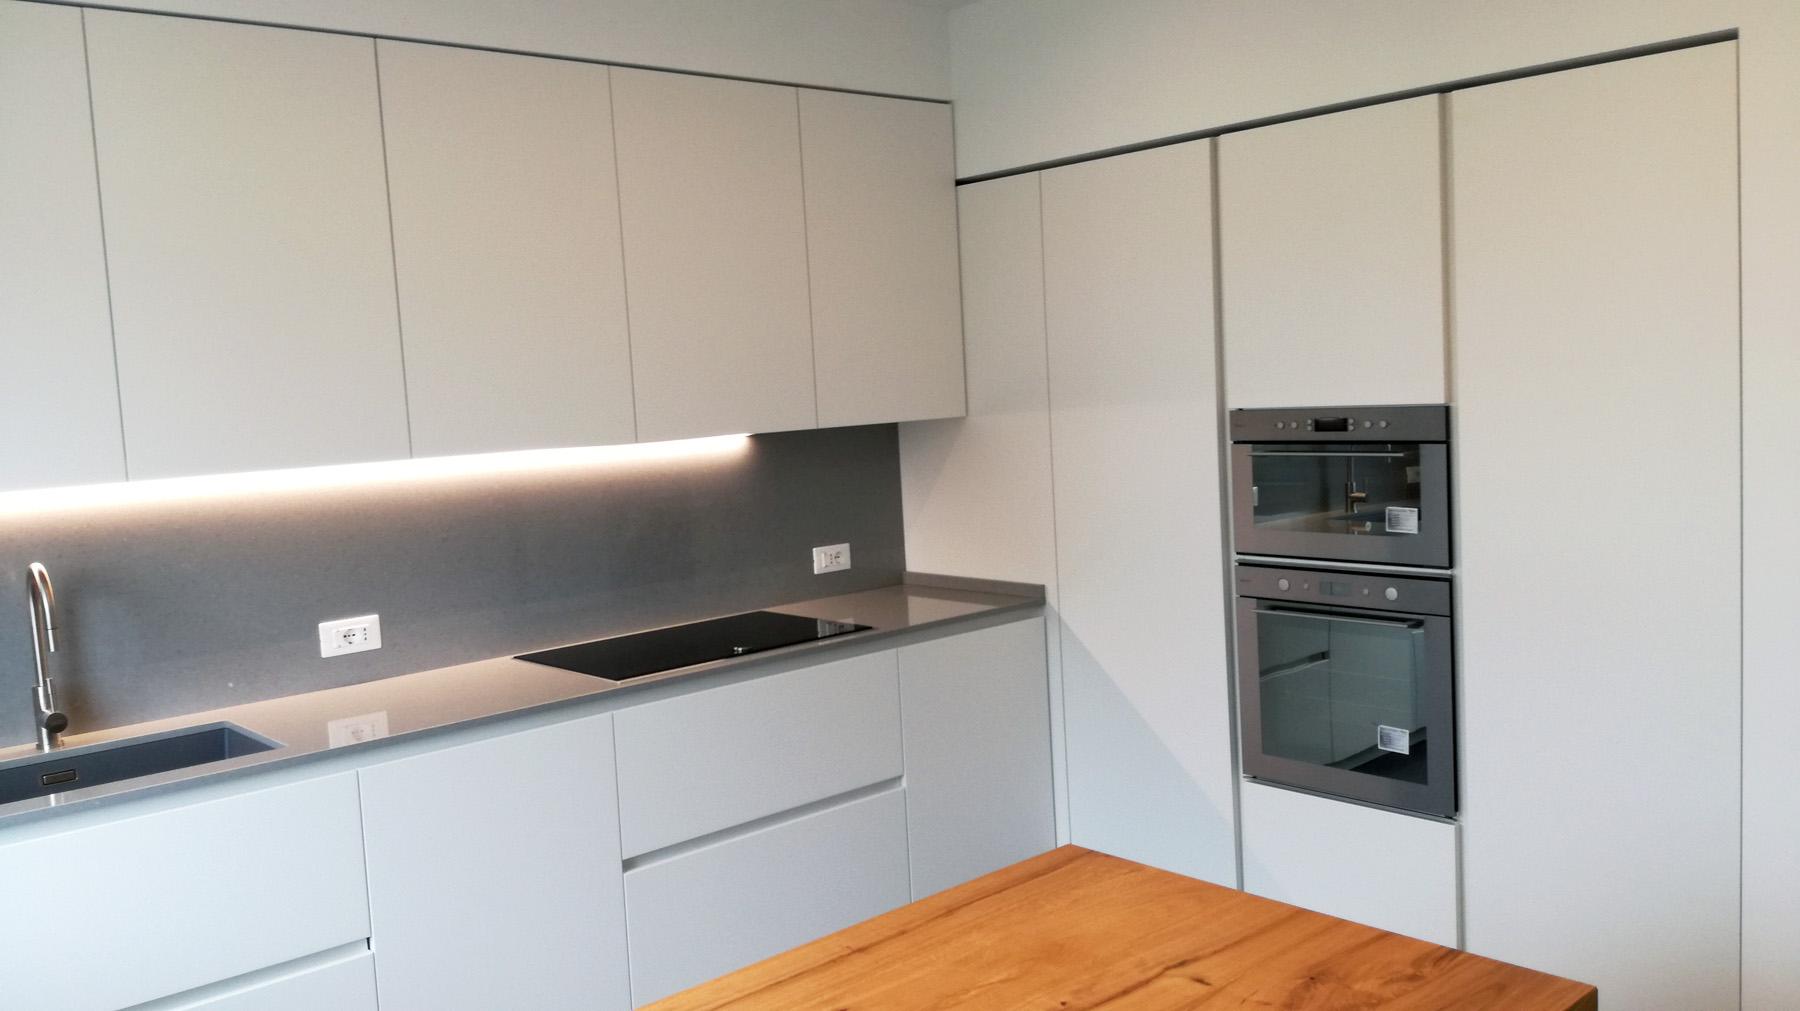 Cucina laccata bianco in nicchia con tavolo penisola in legno arredamenti barin - Cucina in cartongesso ...